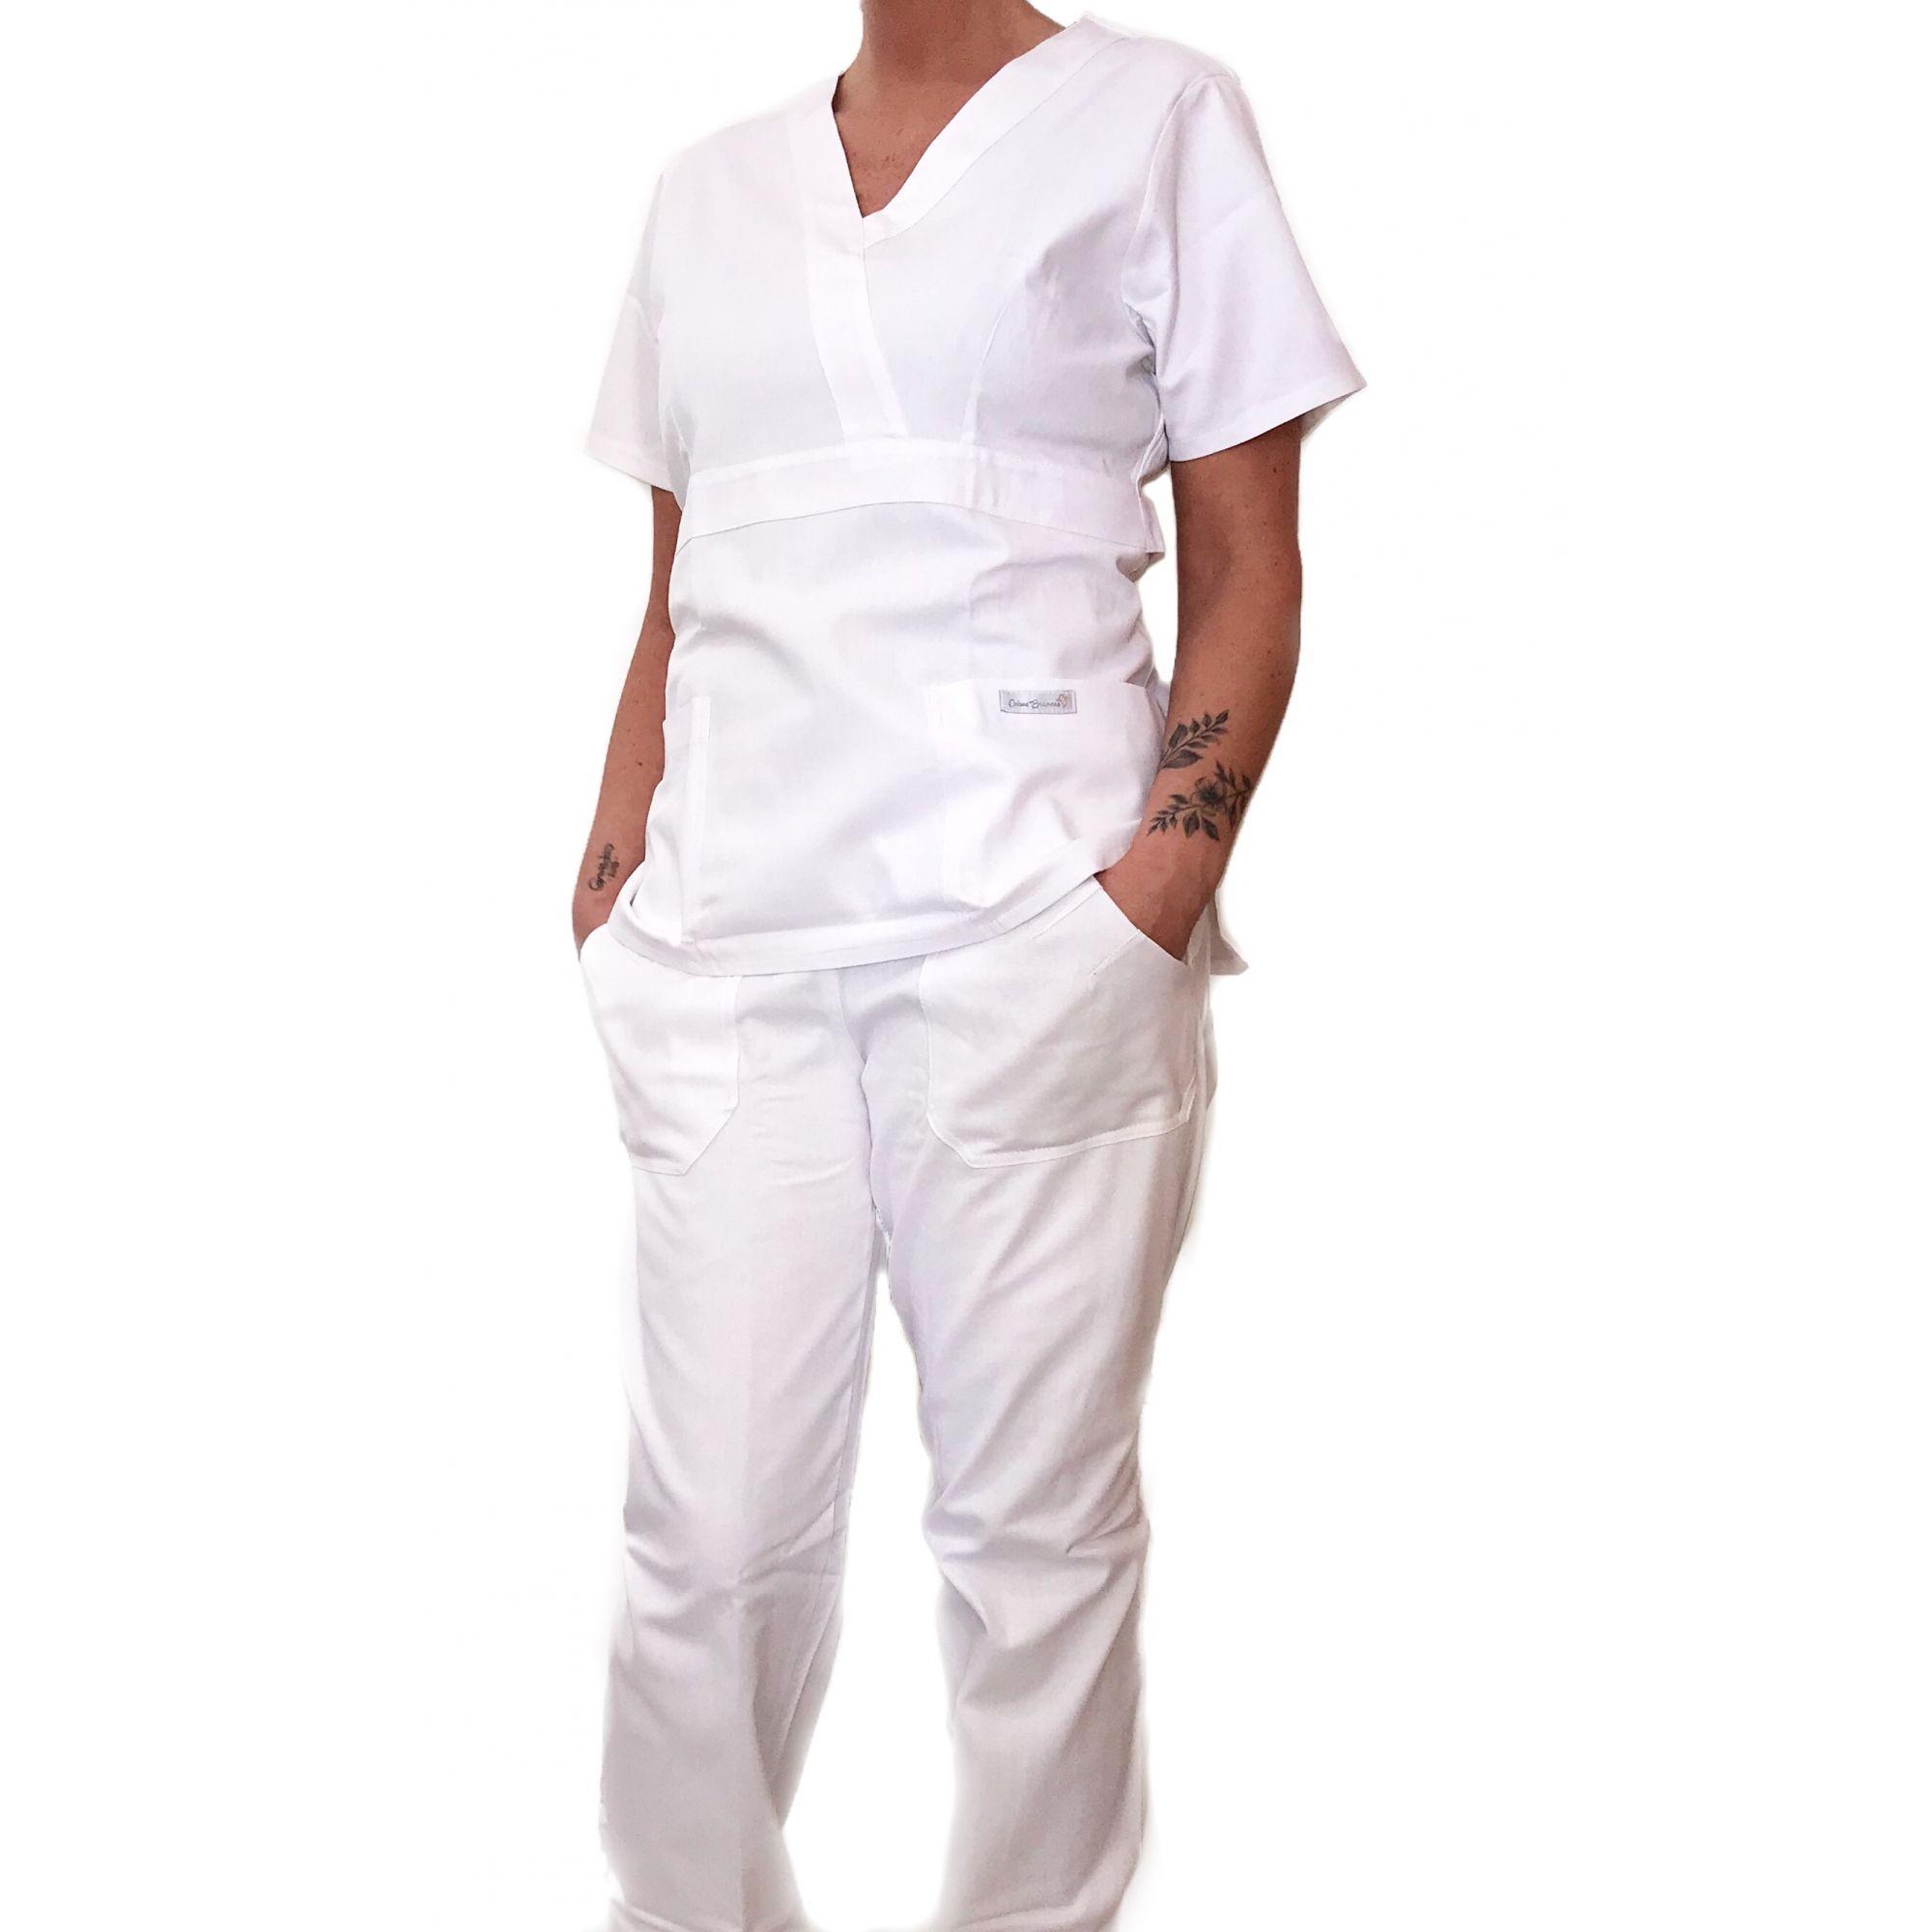 Conjunto Scrub Anatomys Feminino  BRANCO Camisa com ajuste para acinturar atrás e calça Com Elástico CINZA  e Cordão BRANCO 100% Poliéster